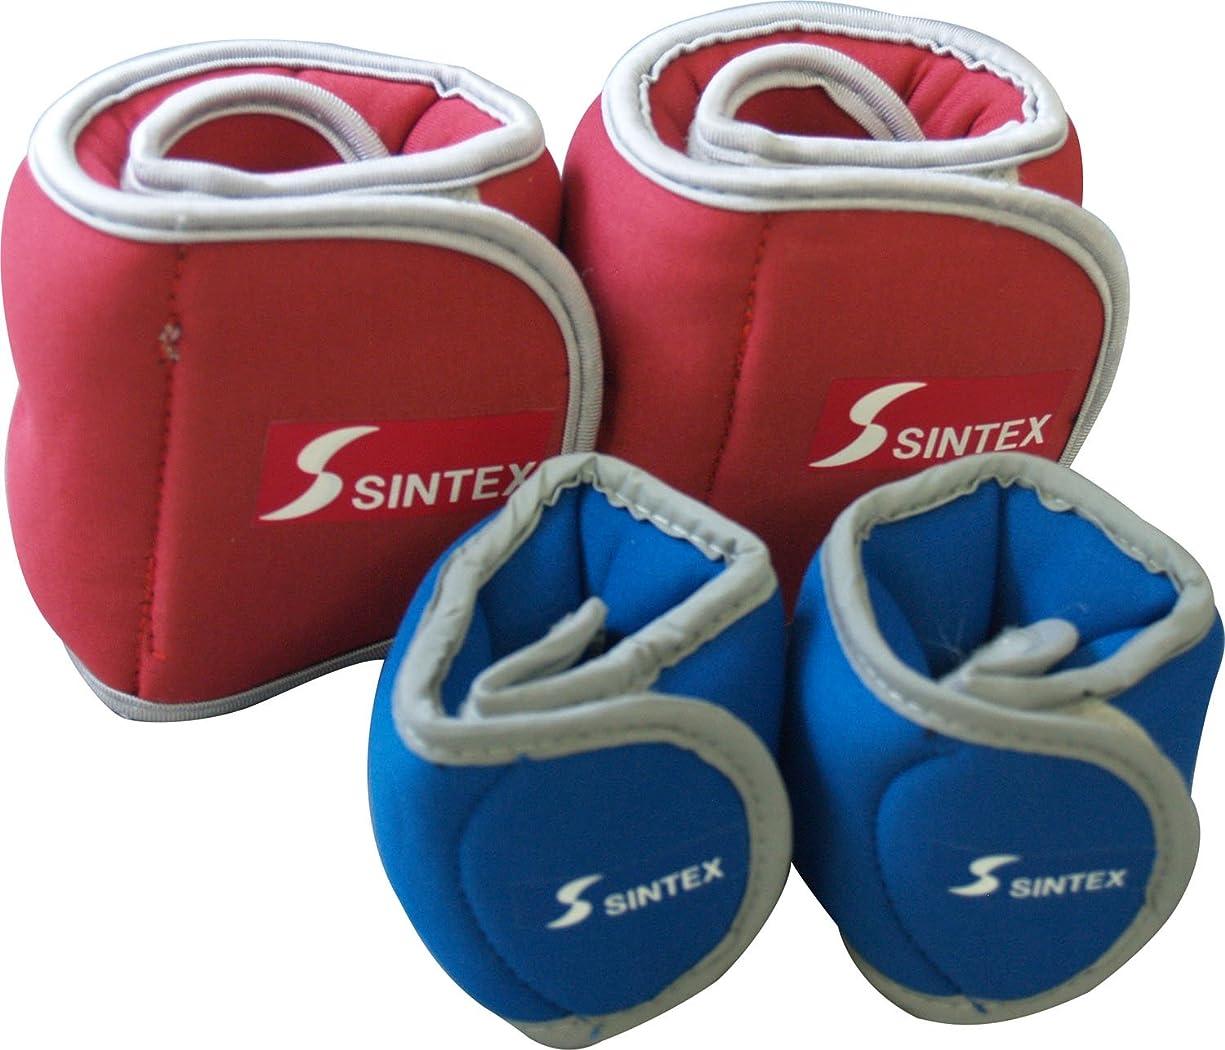 ボートブロンズ空虚adidas(アディダス) トレーニング アジャスタブル?アンクル/リストウエイト プレート 1kg×2個 ADWT-12229